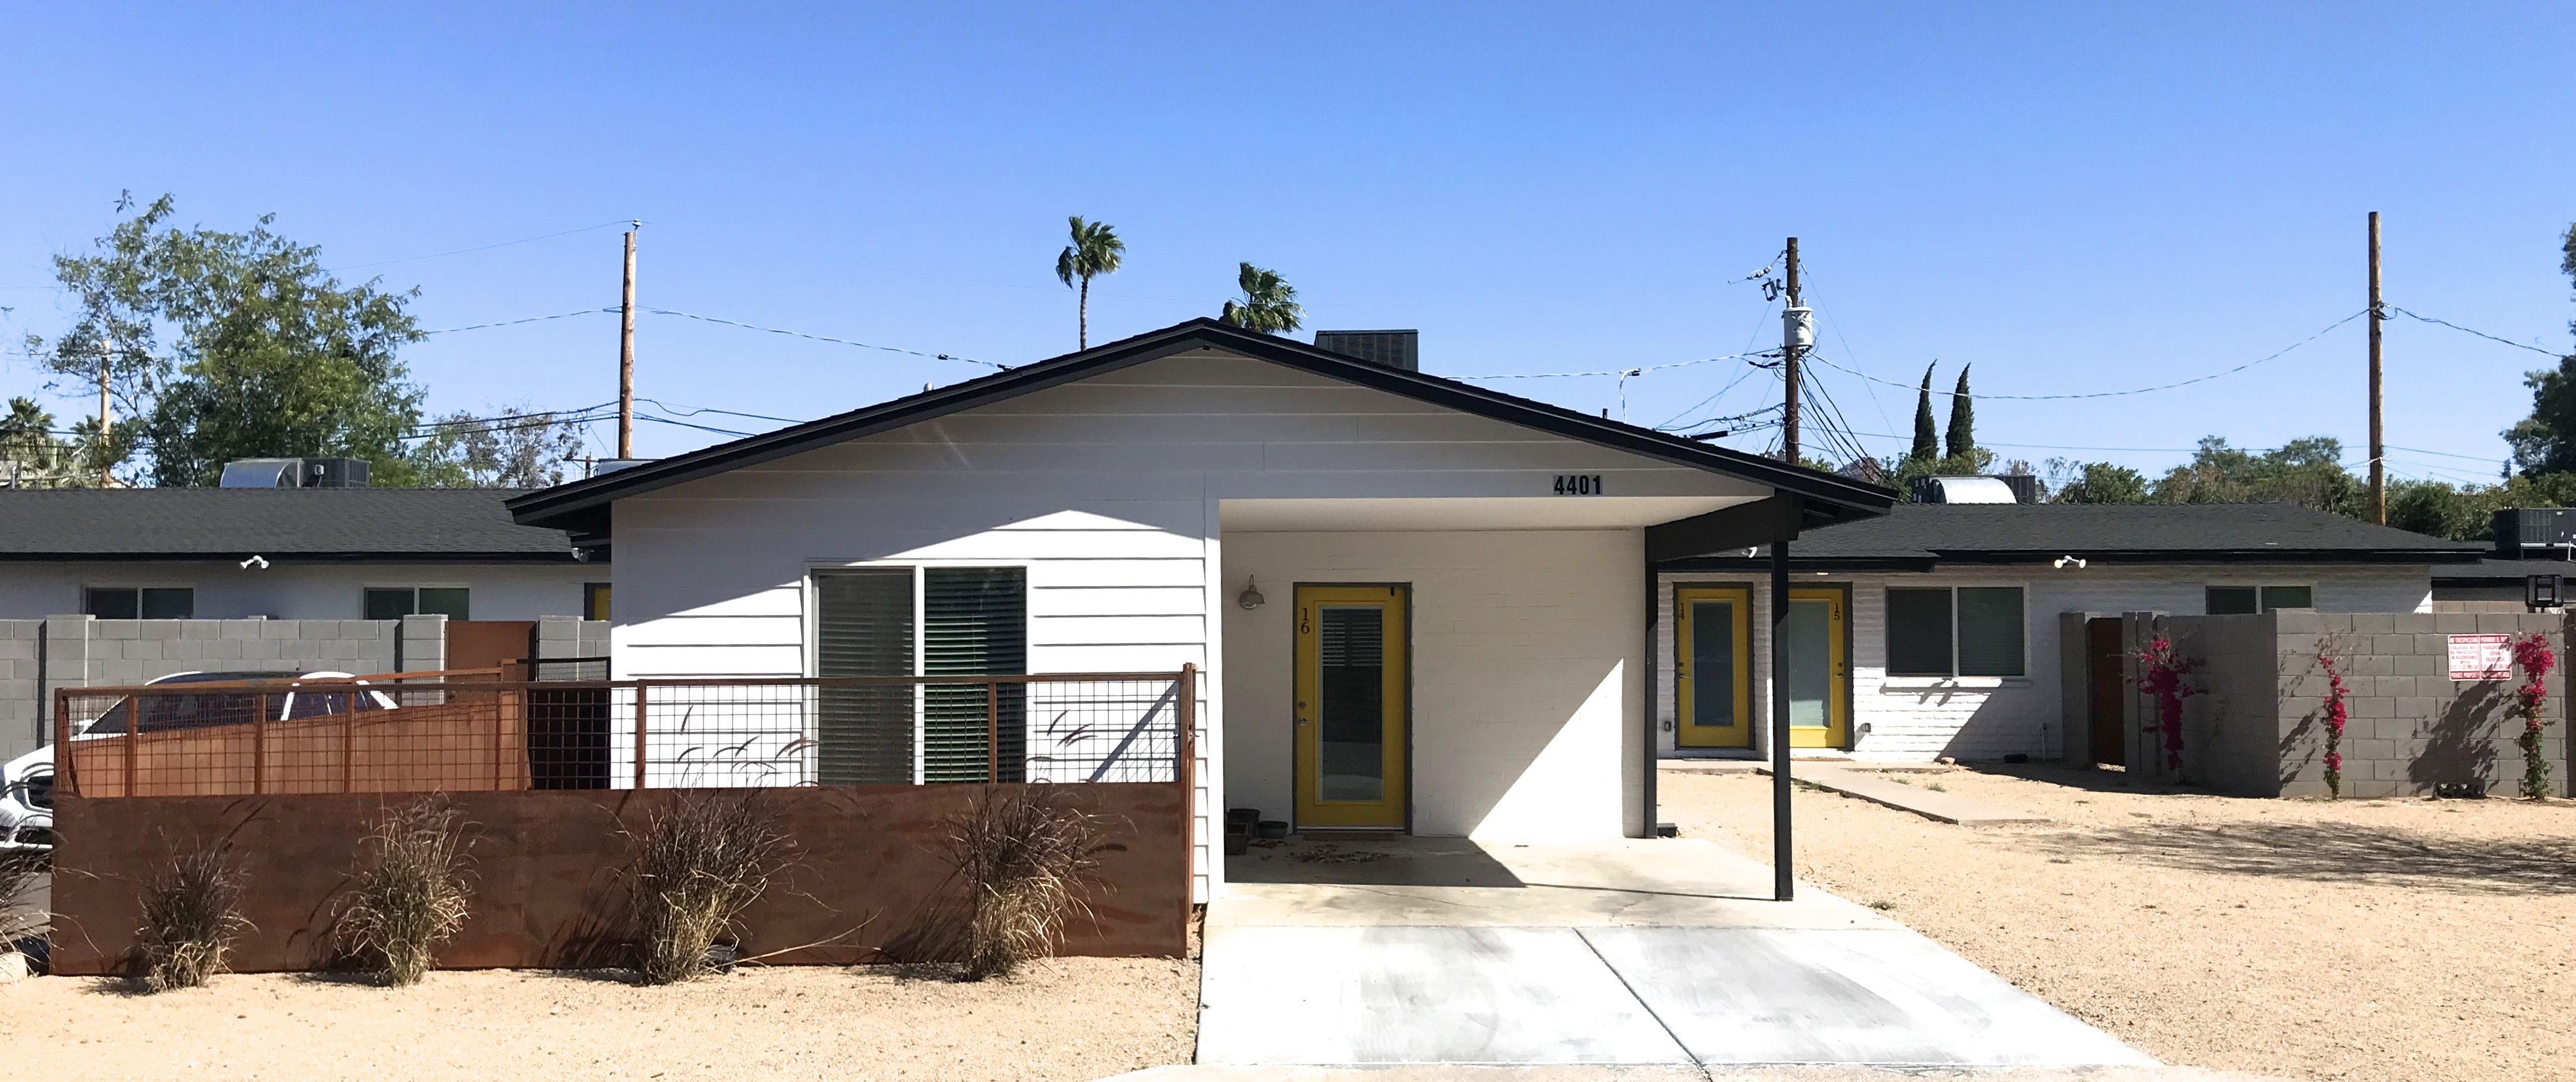 4401 N 21st St Phoenix Az 85016 Biltmore Phoenix Apartments Apartment Apartment Communities Sage Kitchen